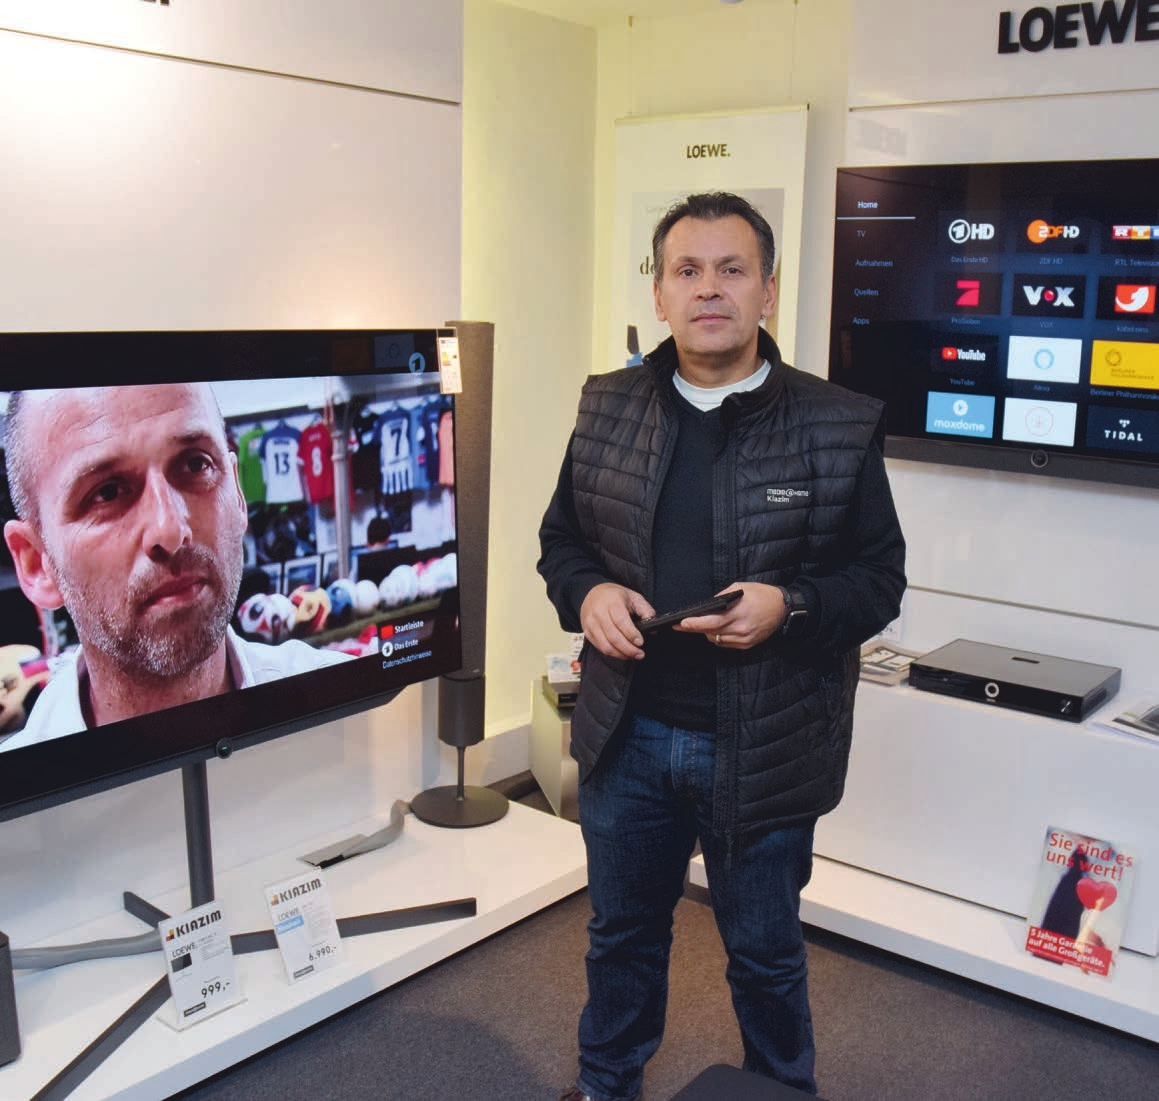 Senol Kiazim mahnt, nicht zu lange mit der Umstellung auf digitales Fernsehen zu warten. Je näher die Umstellung rückt, desto schwieriger wird es, alle Kundenwünsche umgehend zu erfüllen. Deshalb sollte man sich jetzt kümmern, bevor der Bildschirm schwarz bleibt Foto: Kuno Klein